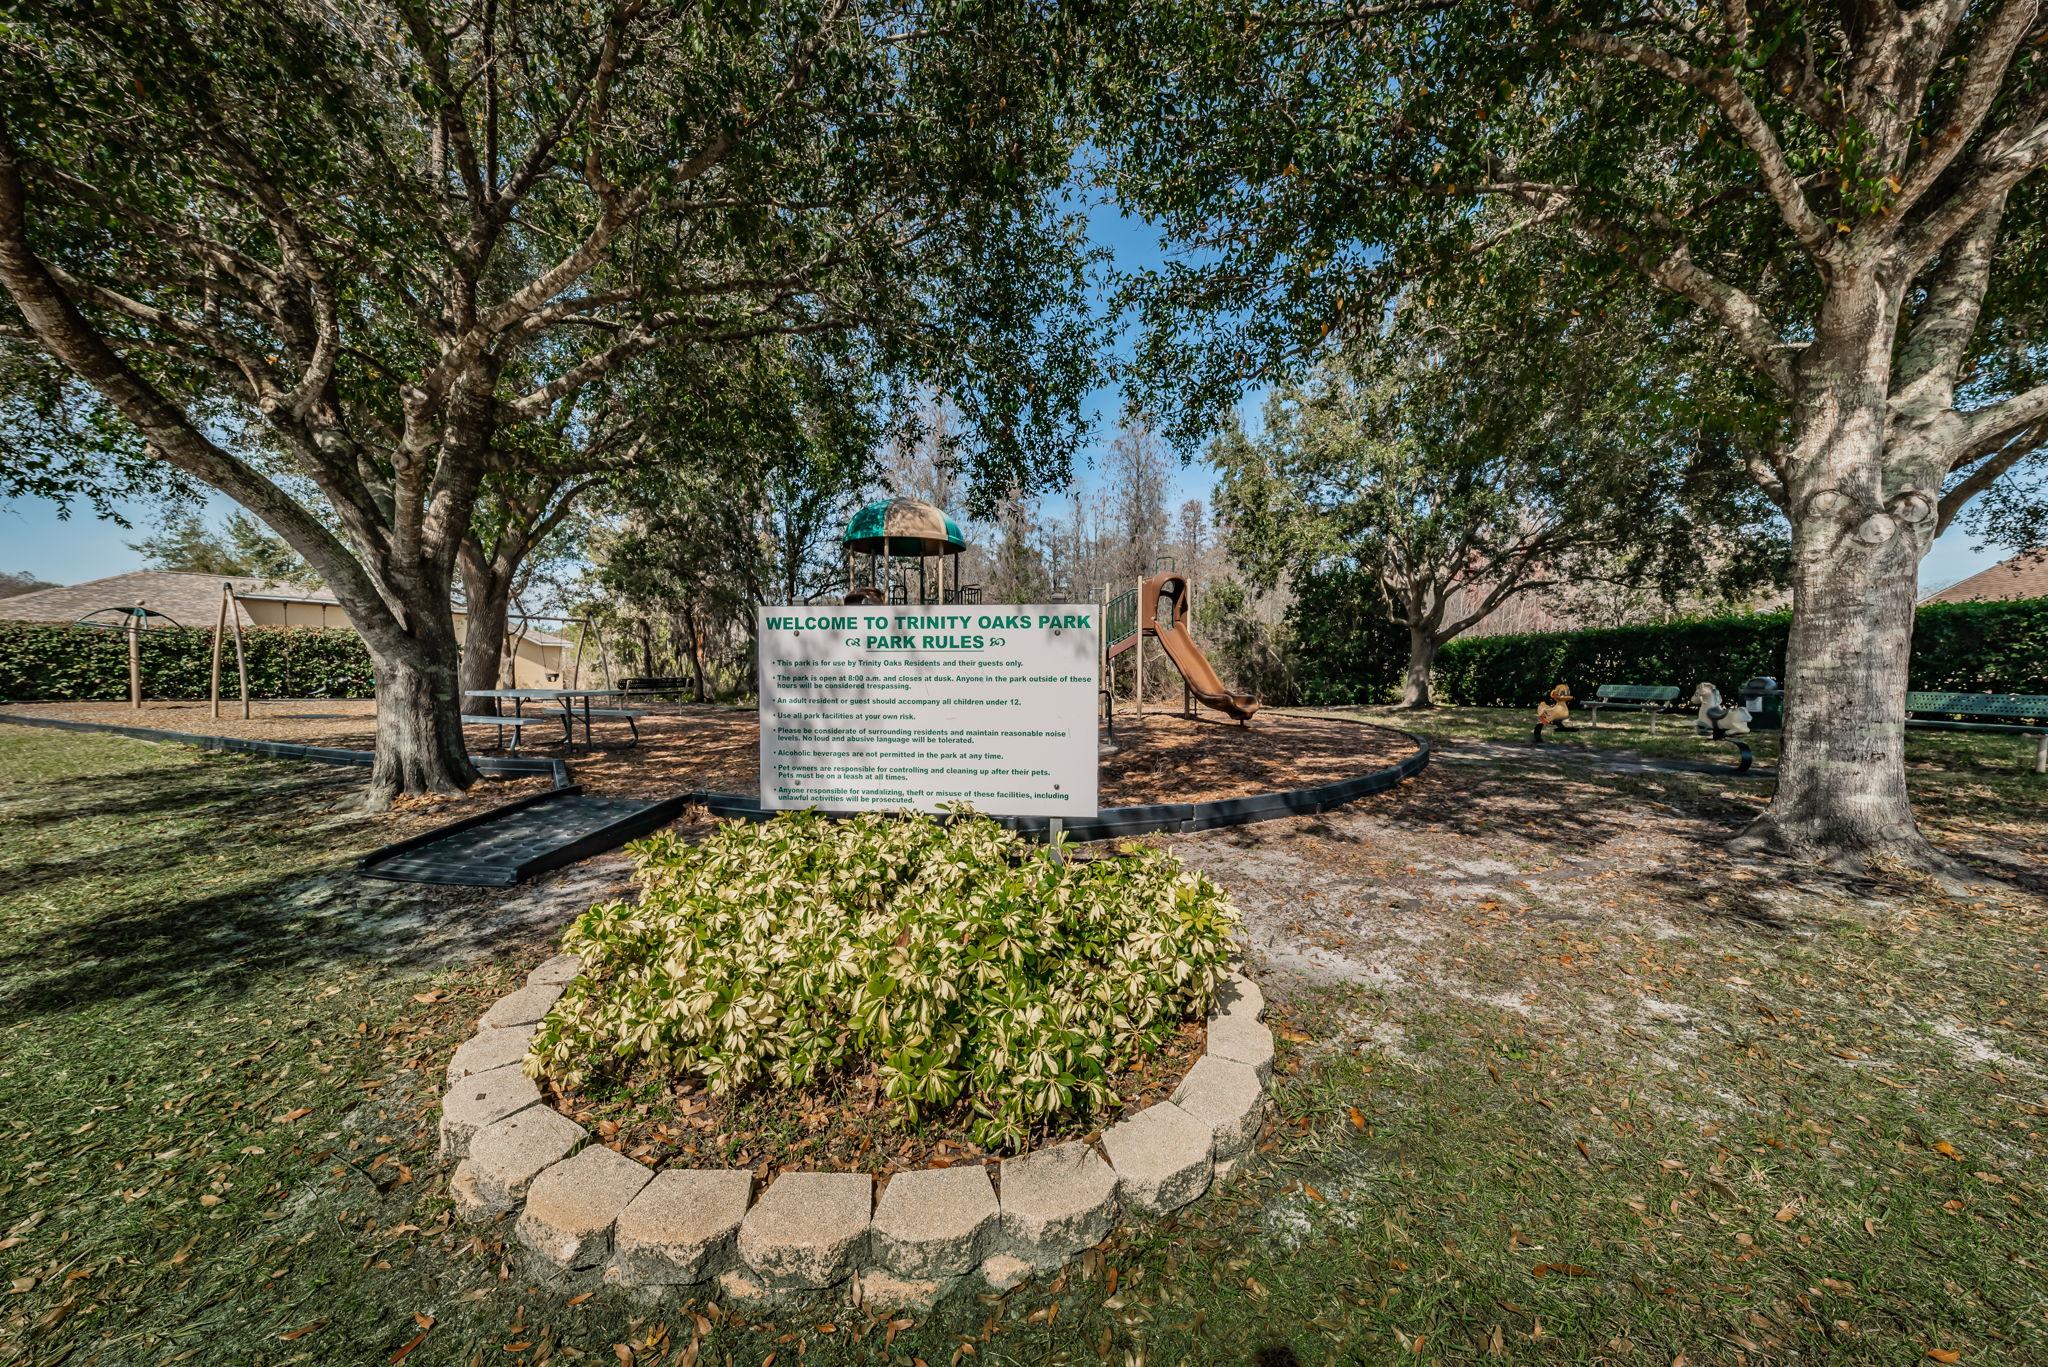 2-Trinity Oaks Park